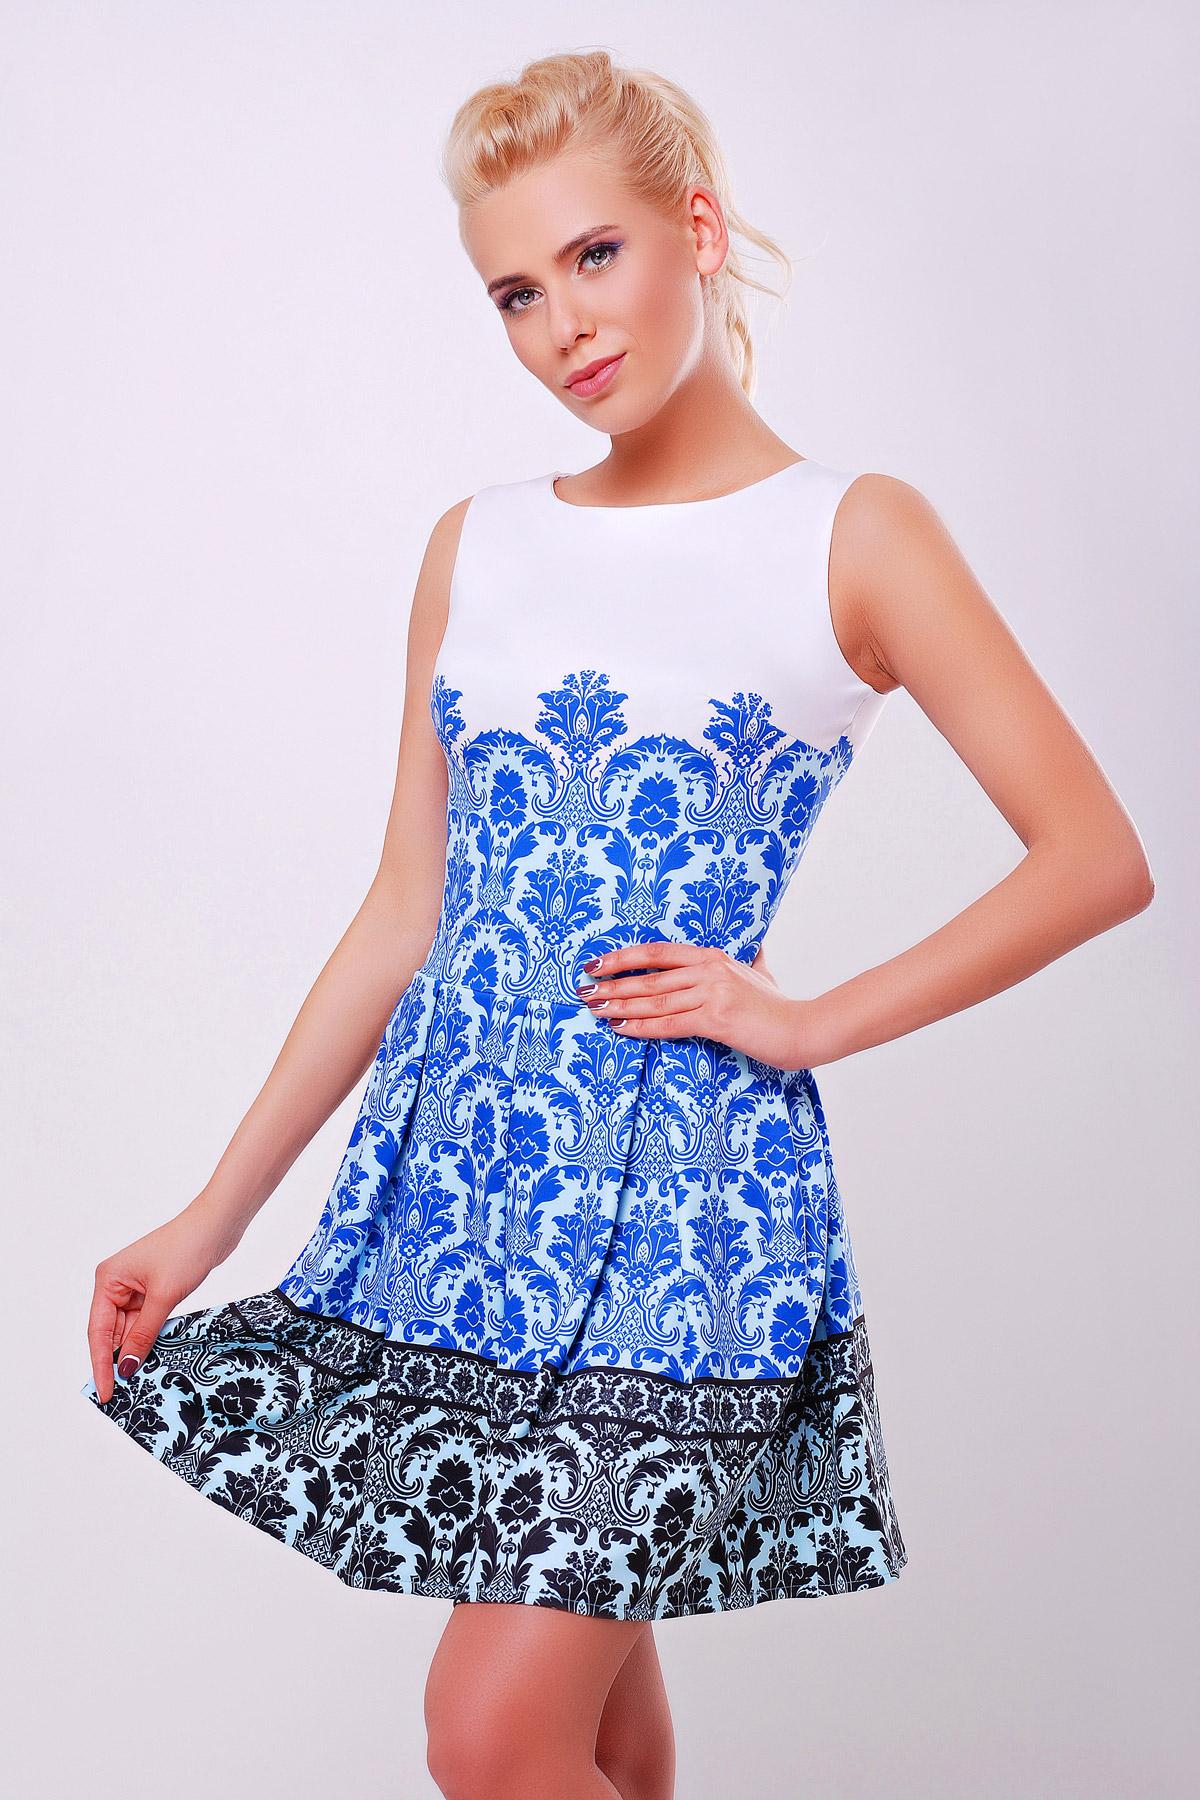 Дамаск мелкий платье Мия-1 б/р